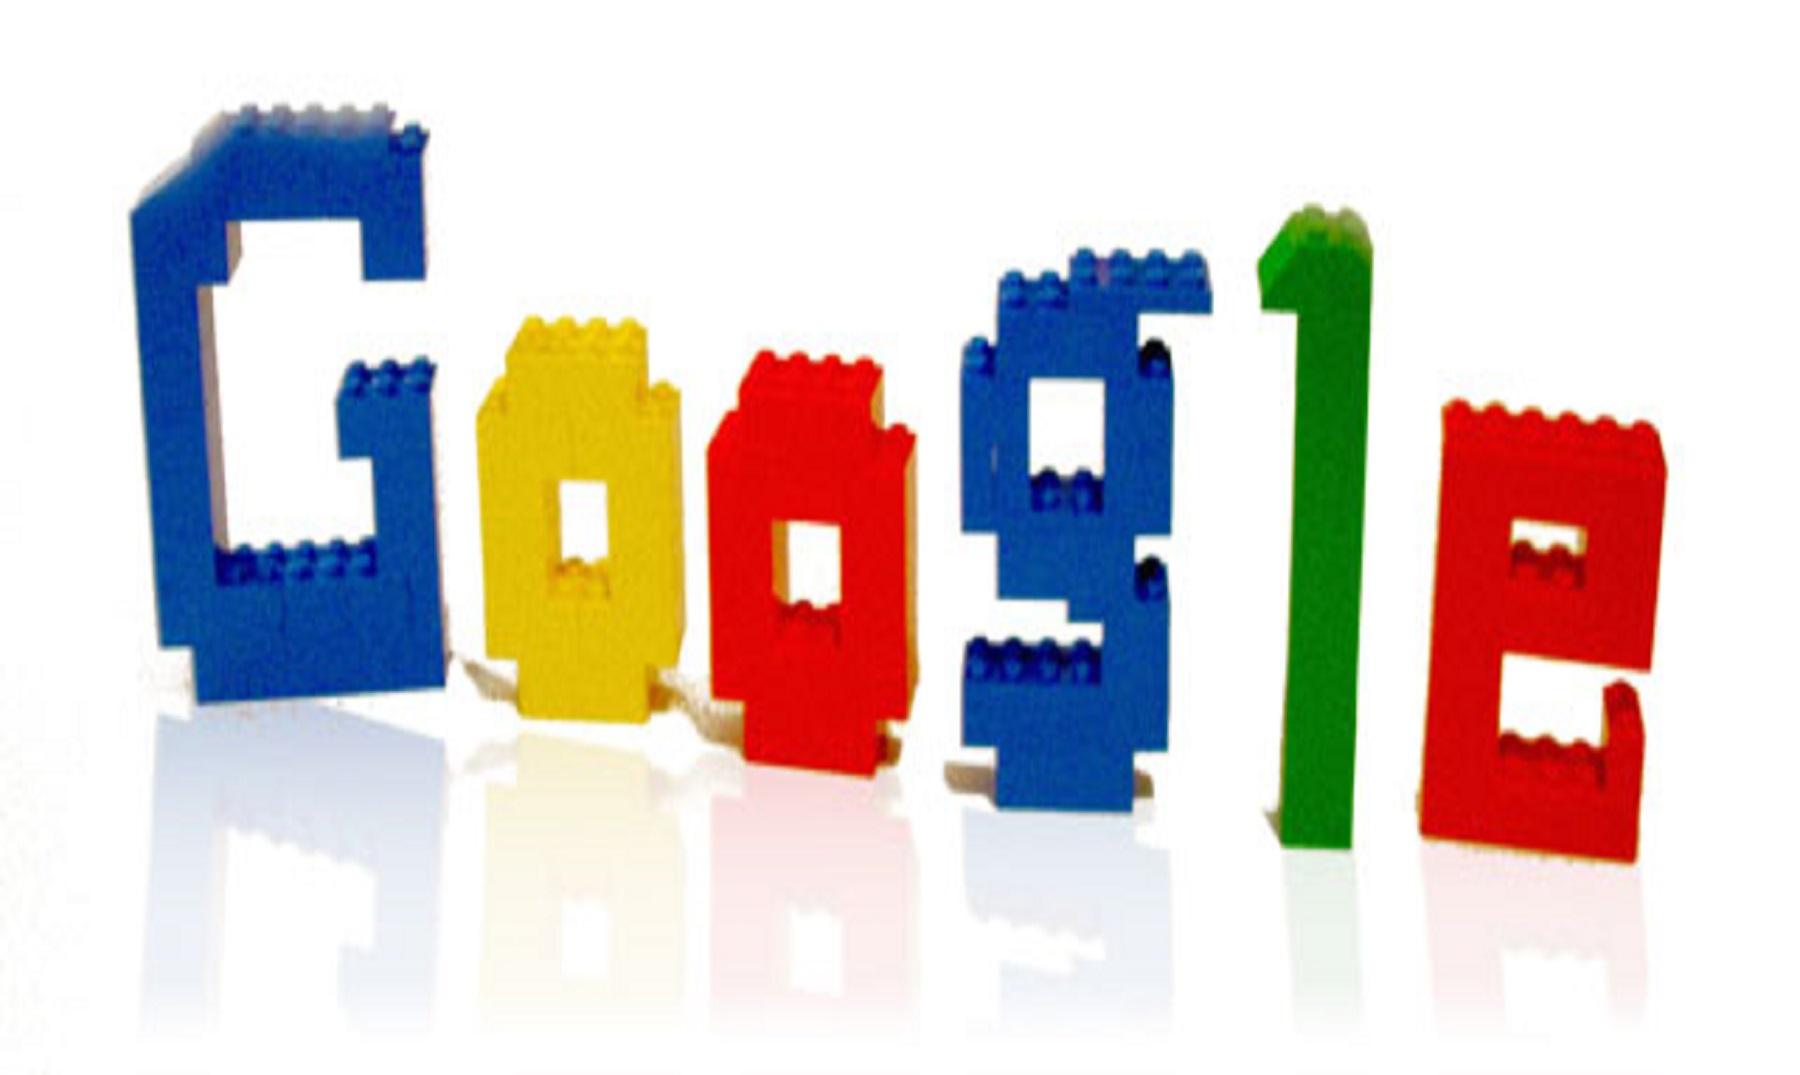 Los colores del logotipo de Google